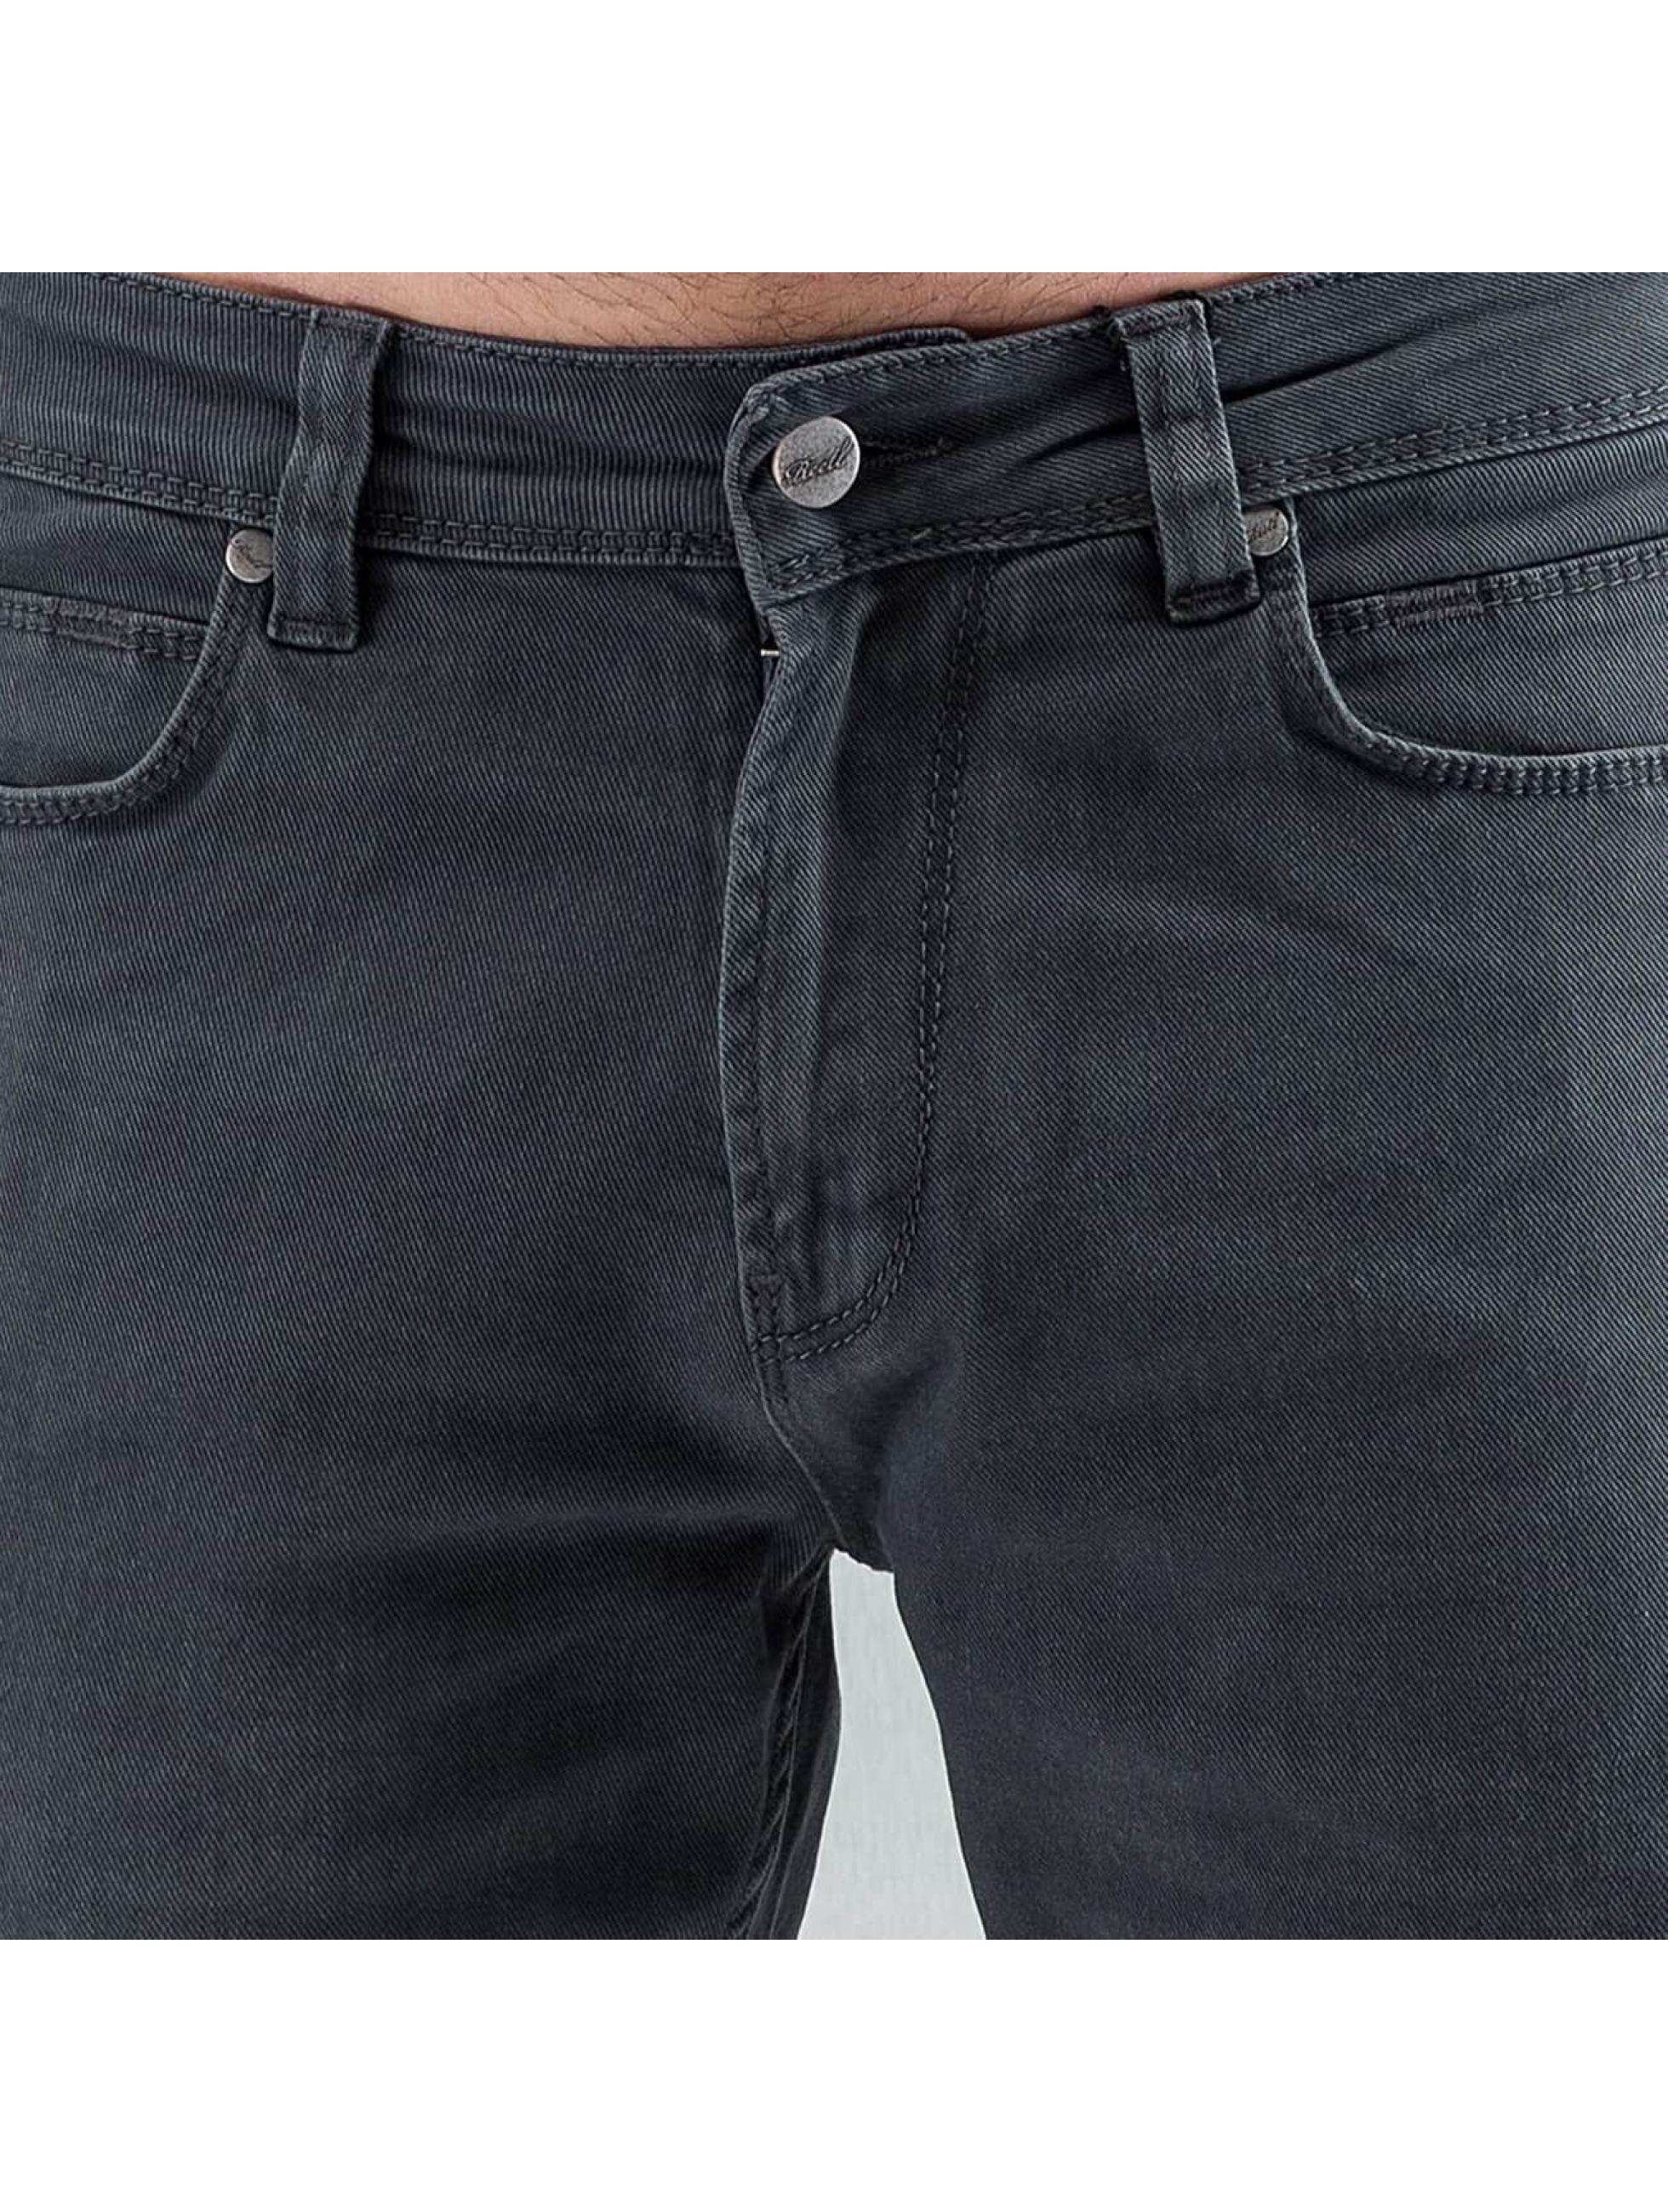 Reell Jeans Straight Fit farkut Razor II harmaa